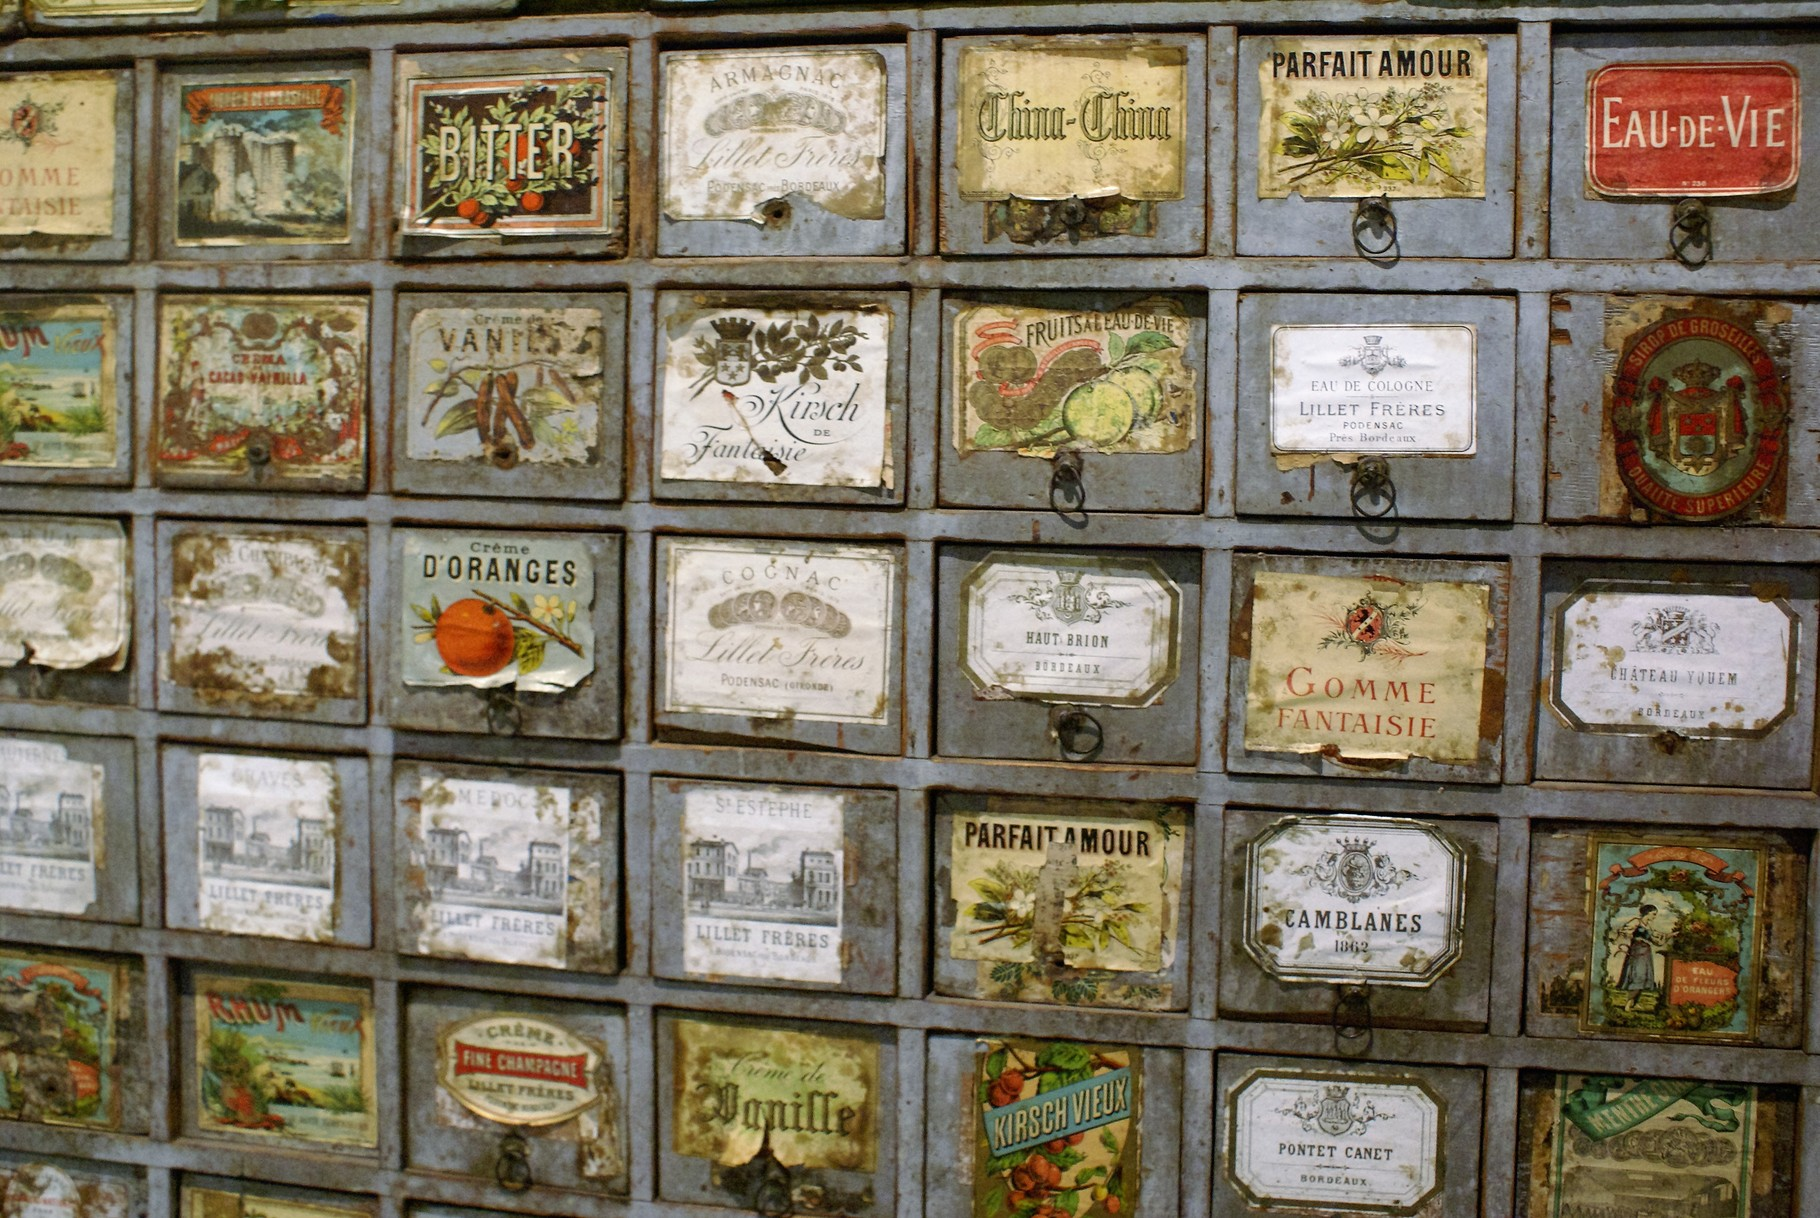 Détail de l'armoire (Meuble de fin du XIXeme siècle)